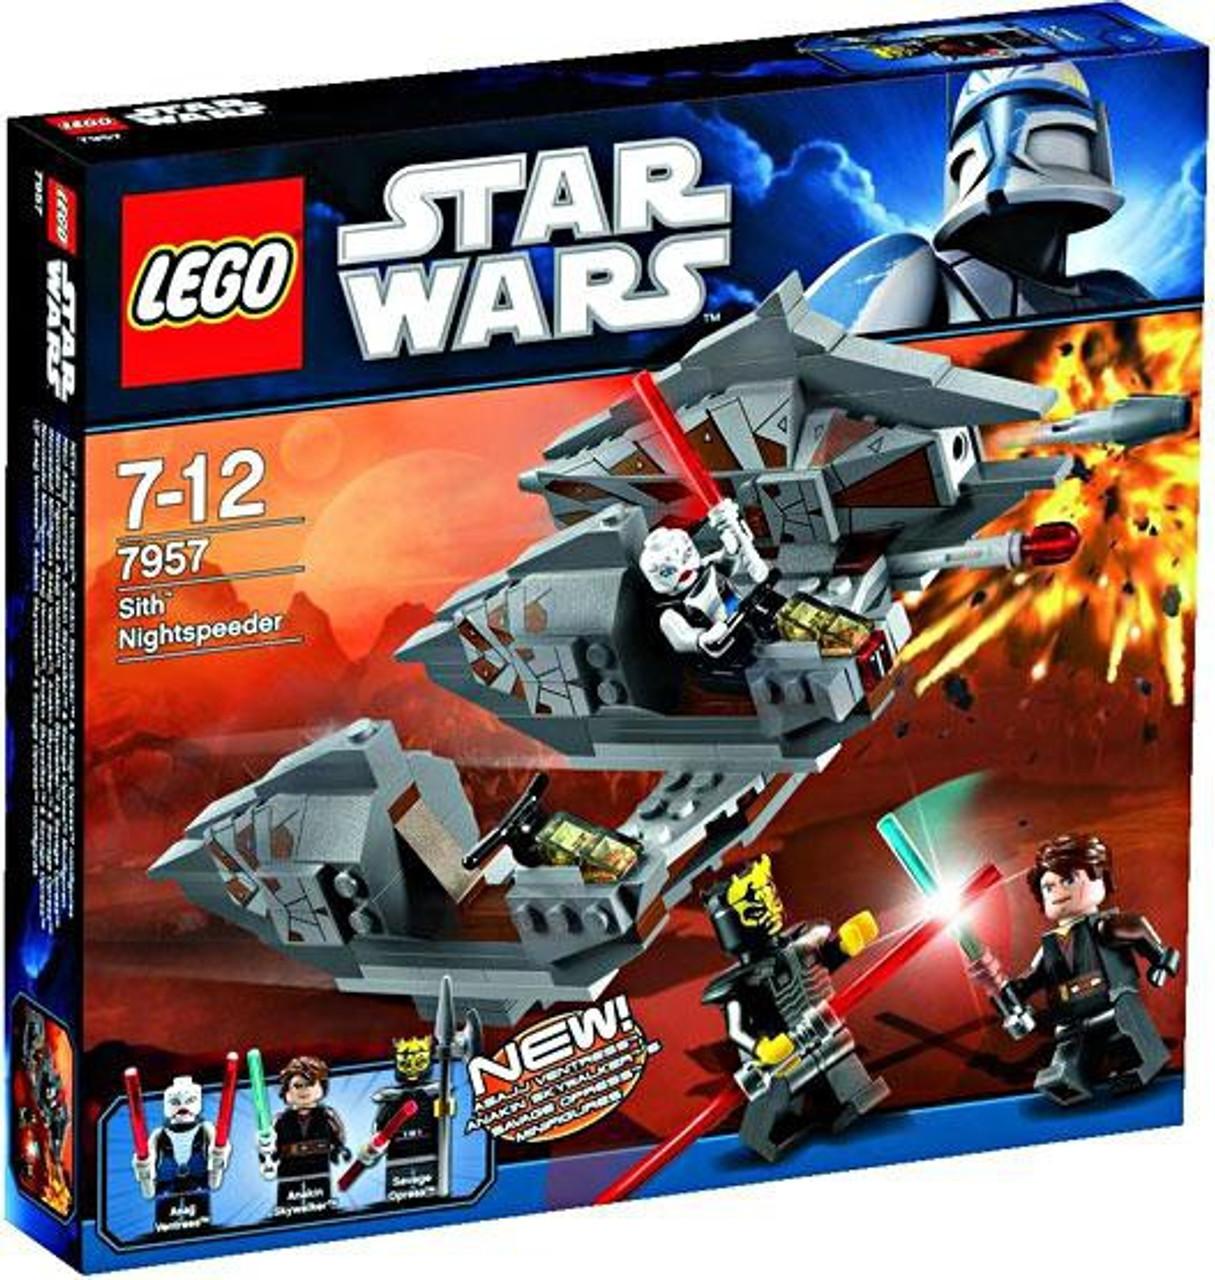 LEGO Star Wars The Clone Wars Sith Nightspeeder Set #7957